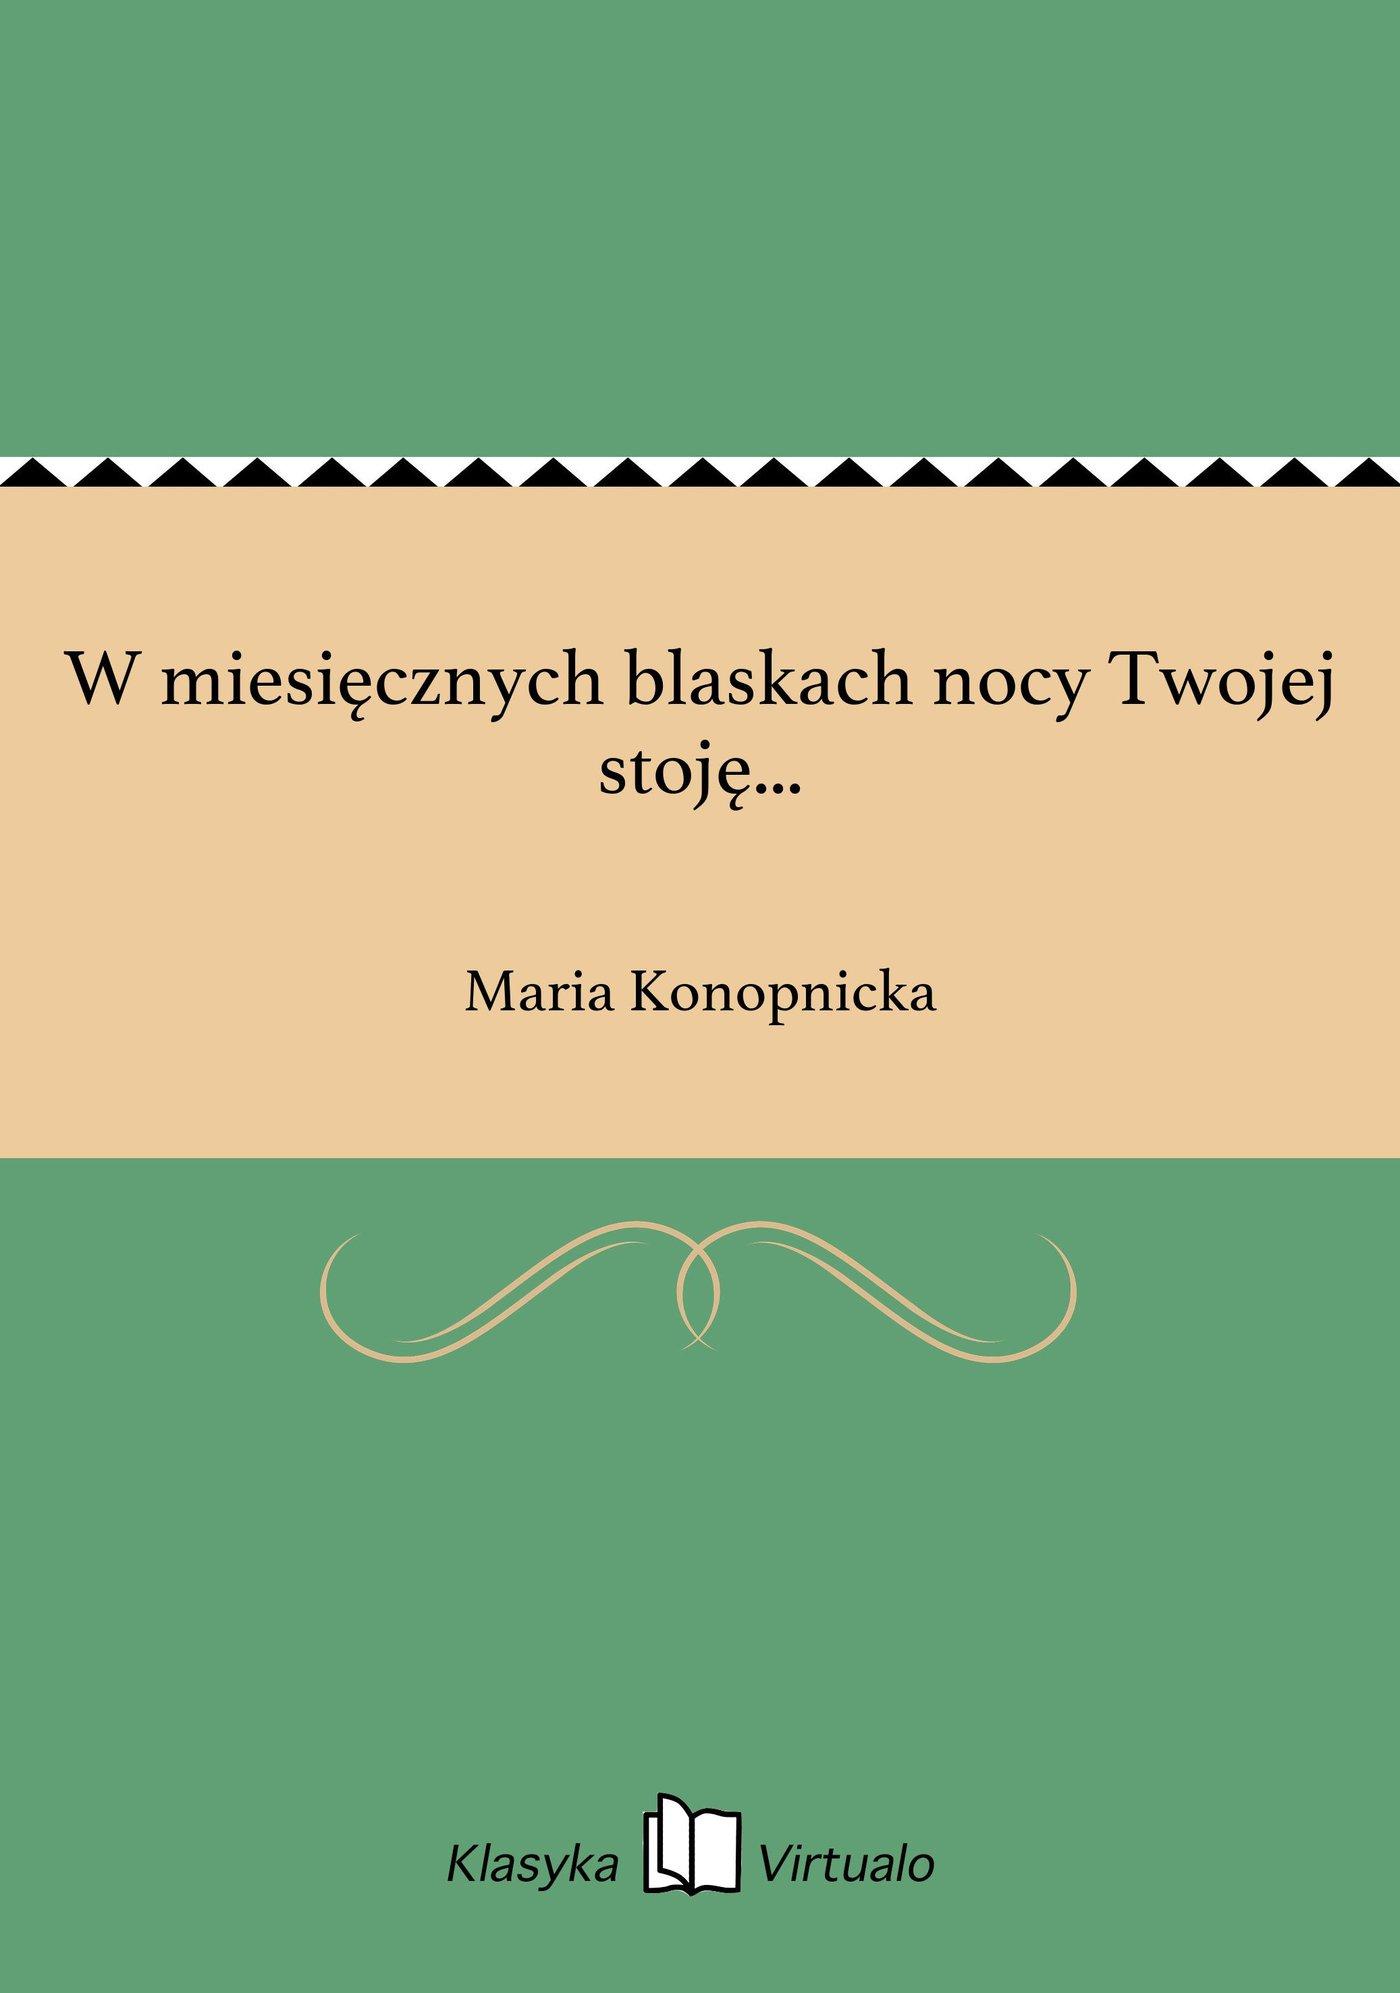 W miesięcznych blaskach nocy Twojej stoję... - Ebook (Książka na Kindle) do pobrania w formacie MOBI